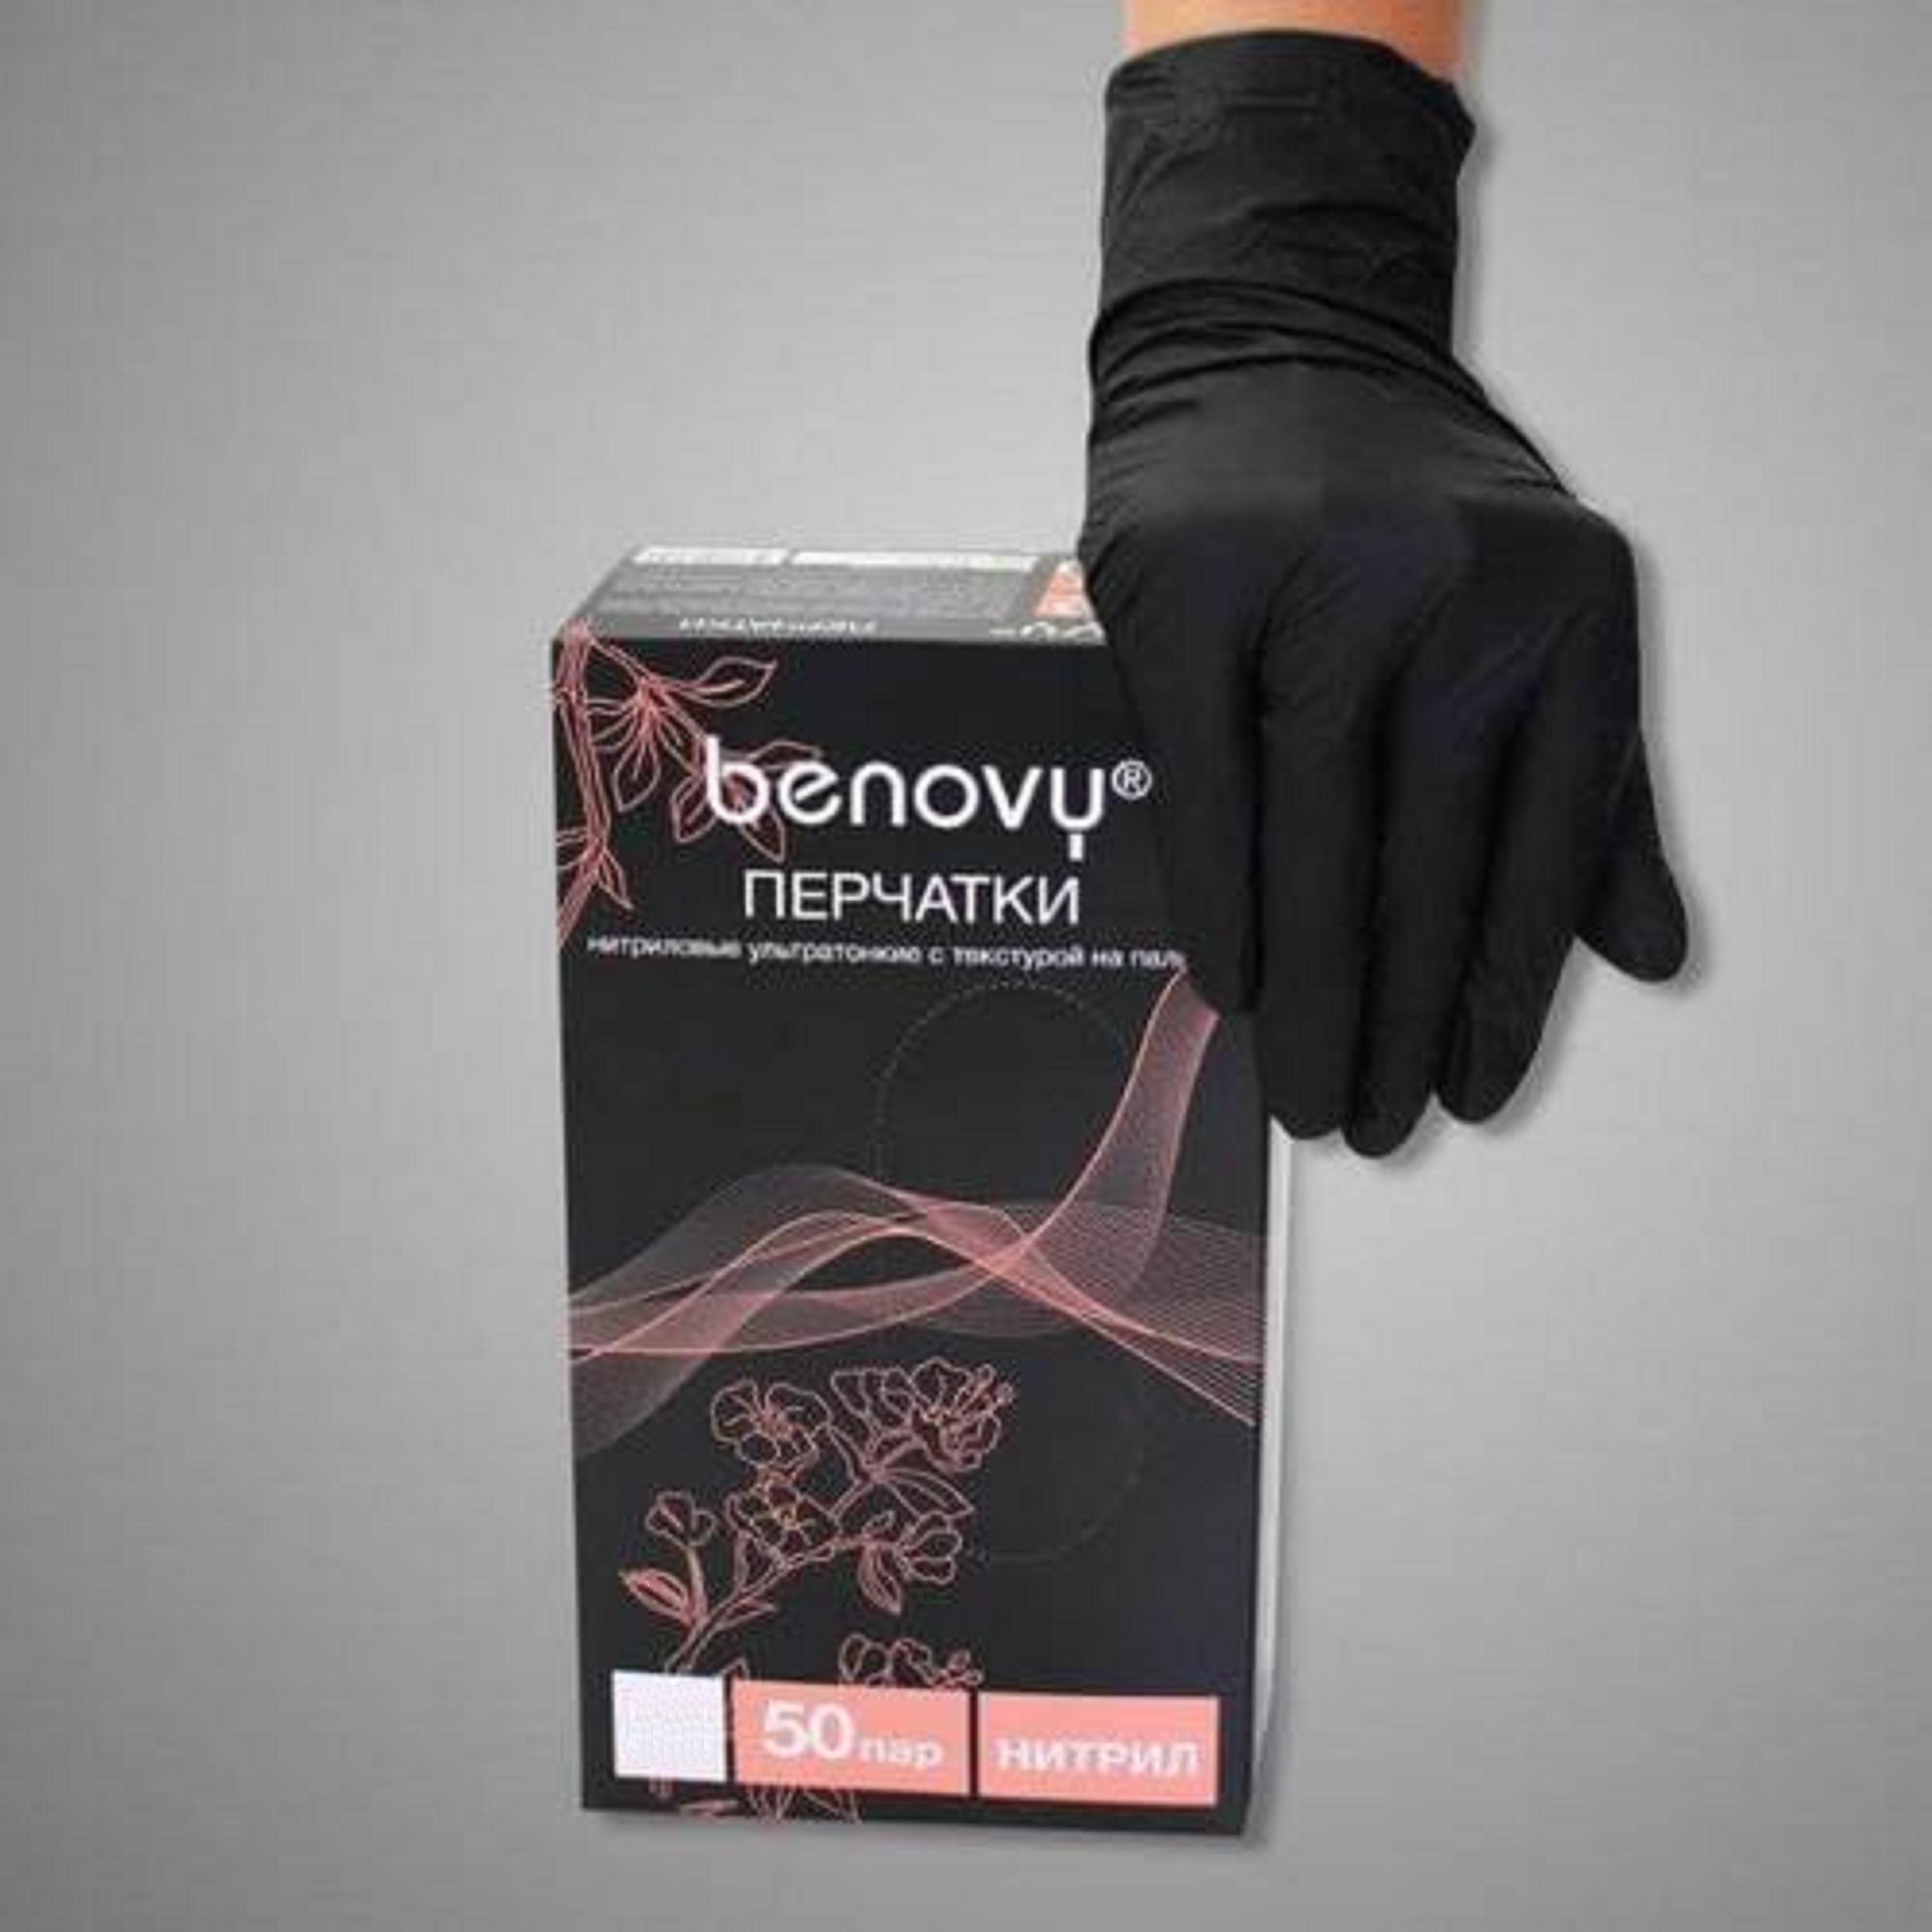 Benovy, перчатки нитриловые, одноразовые, с текстурой на пальцах, черные